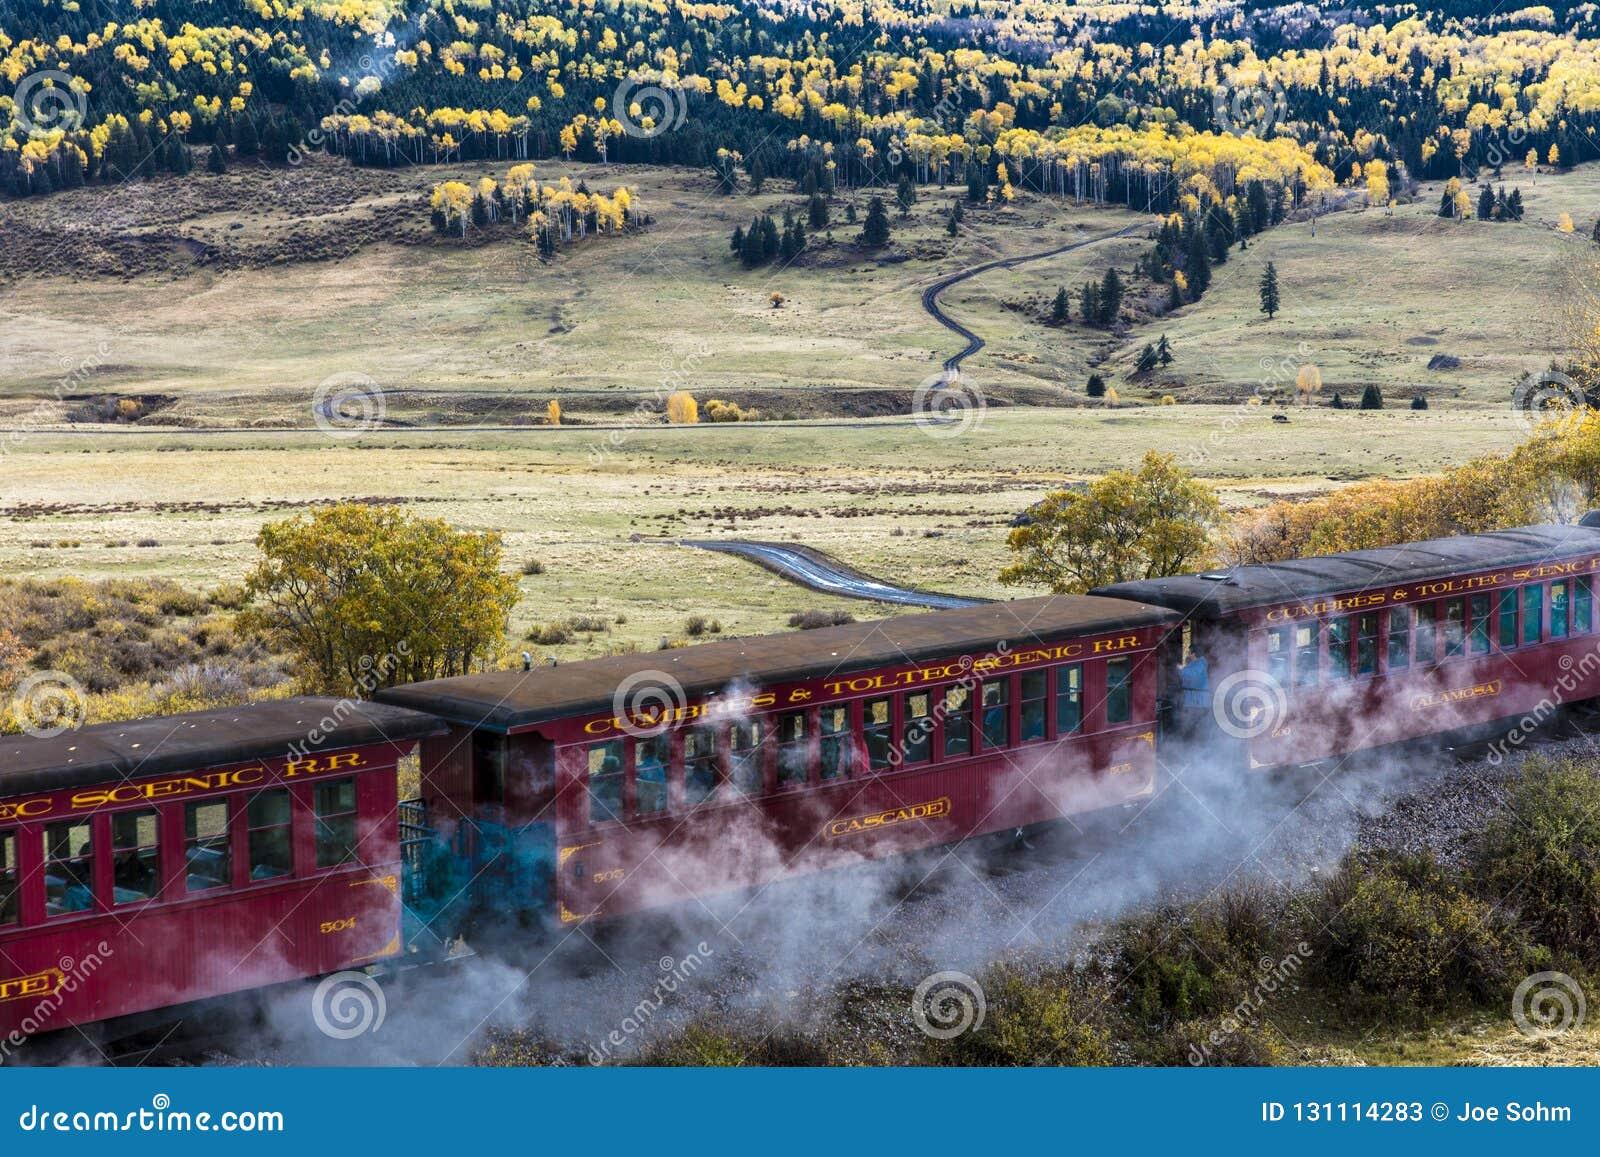 Cumbres & Toltec Scenic Steam Train, Chama, New Mexico to Antonito, Colorado over Cumbress Pass 10,015 Elevation